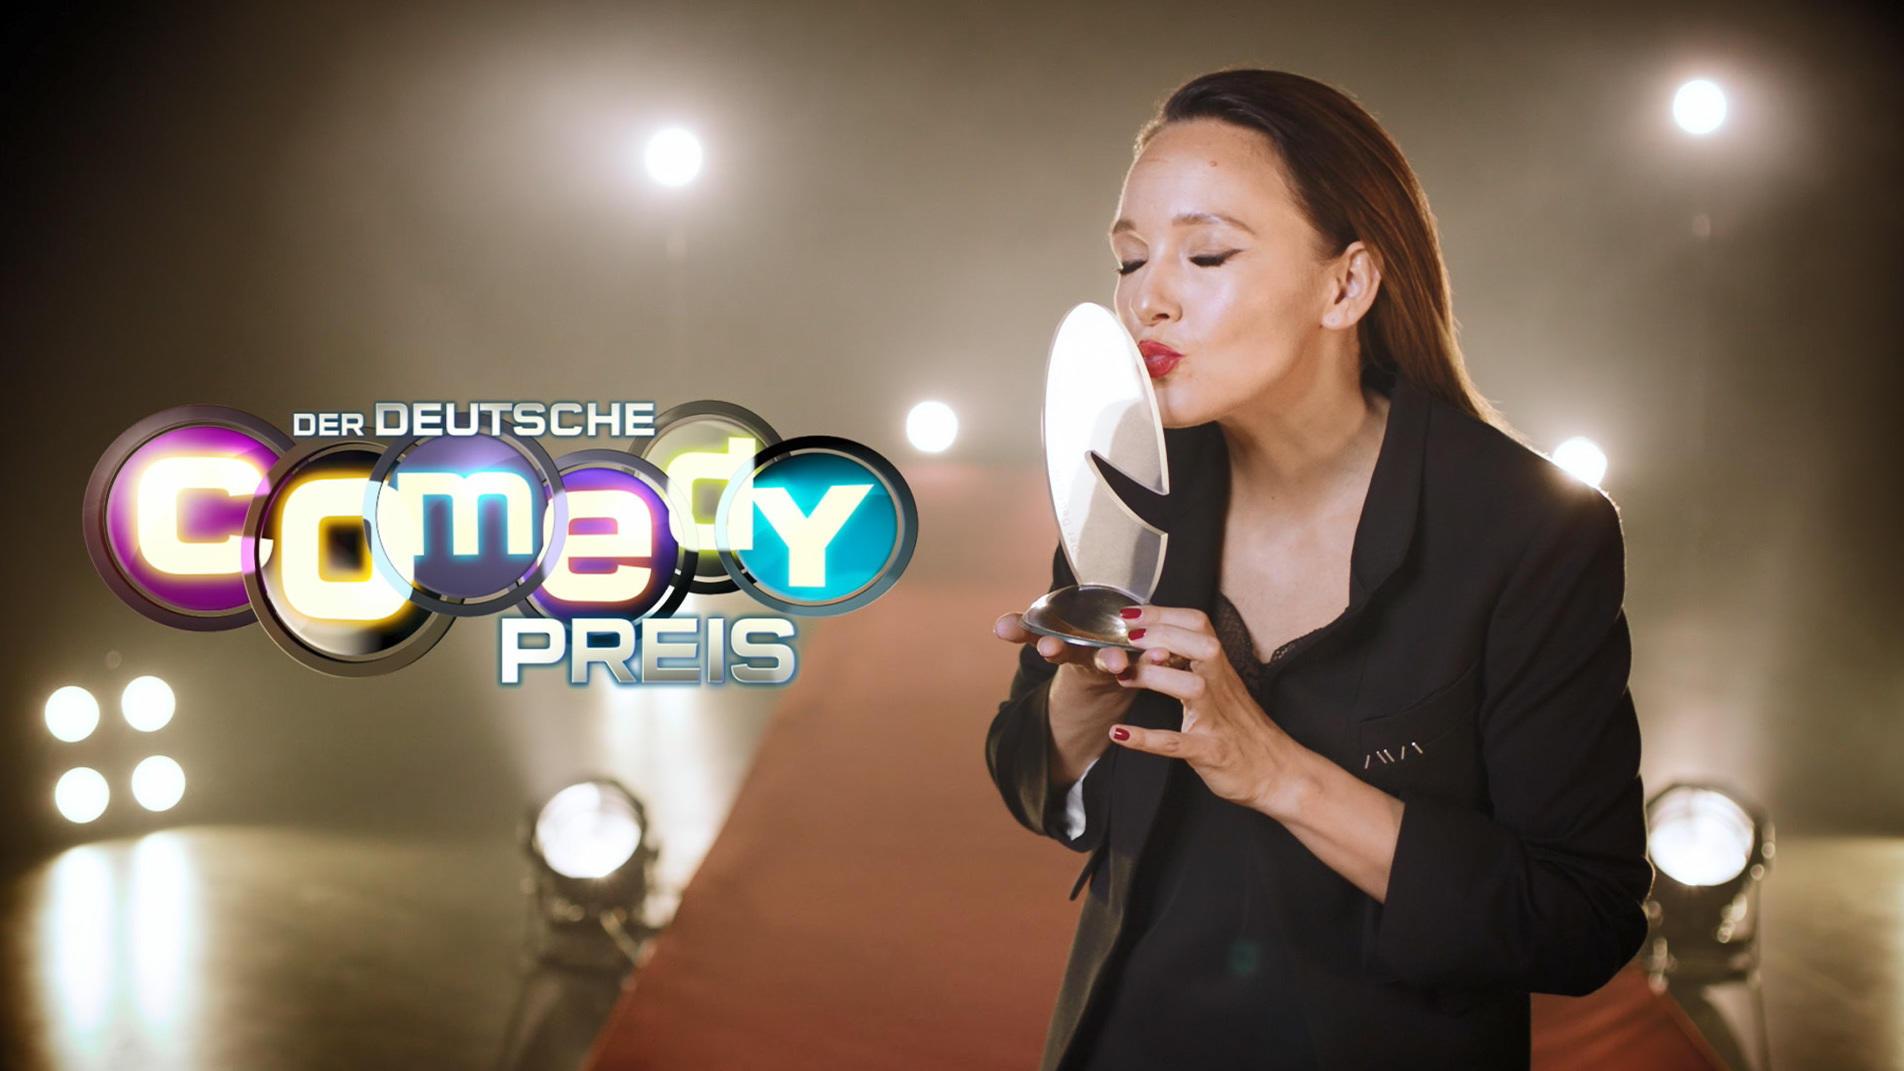 Deutsche comedians weiblich